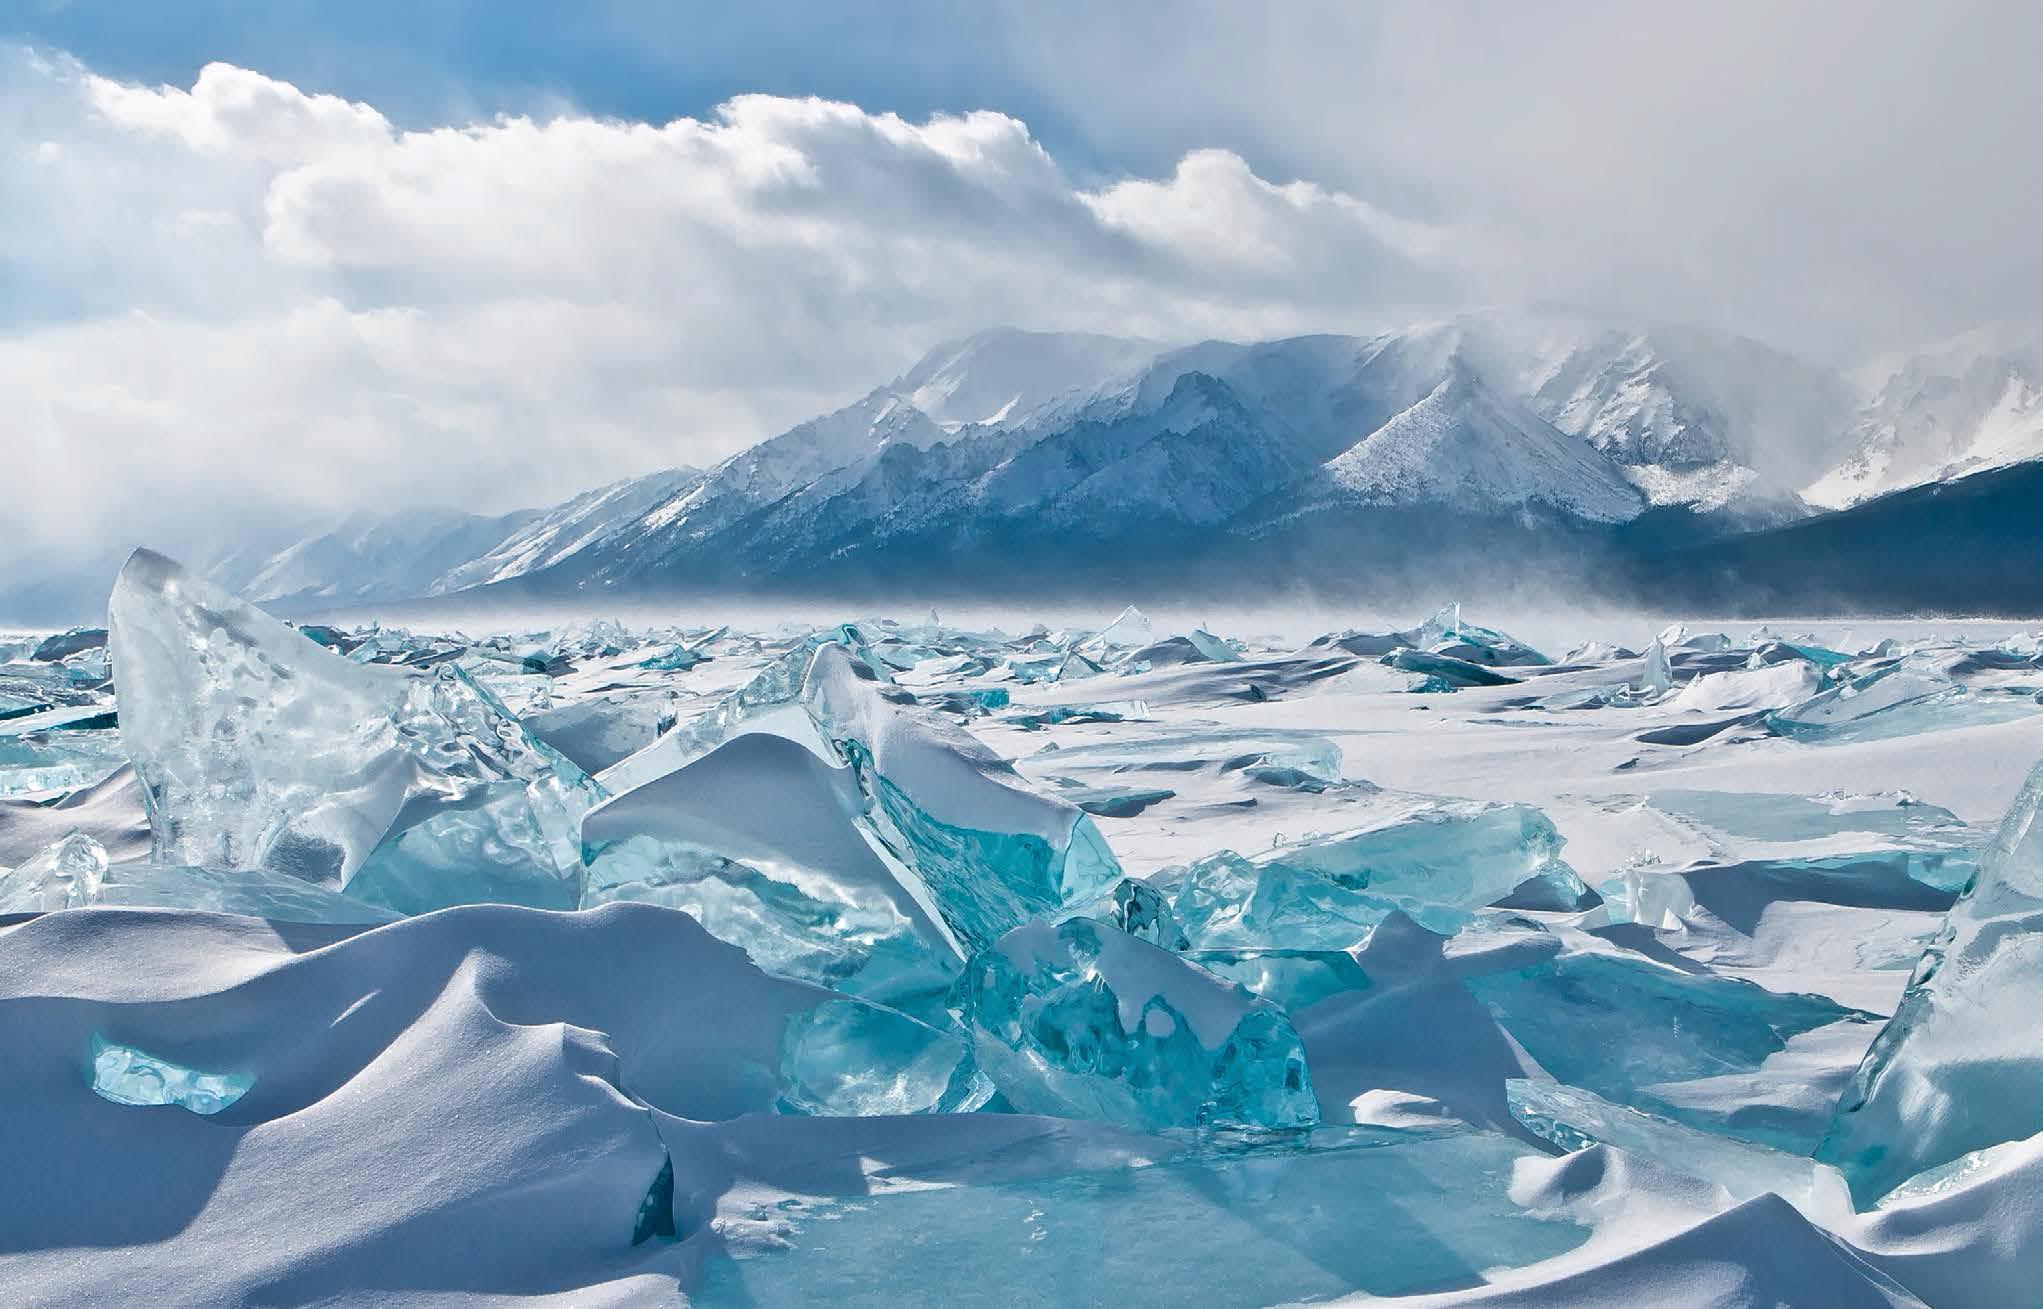 Nhiều giả thiết cho rằng hồ Baikal có liên quan đến những hiện tượng của UFO.